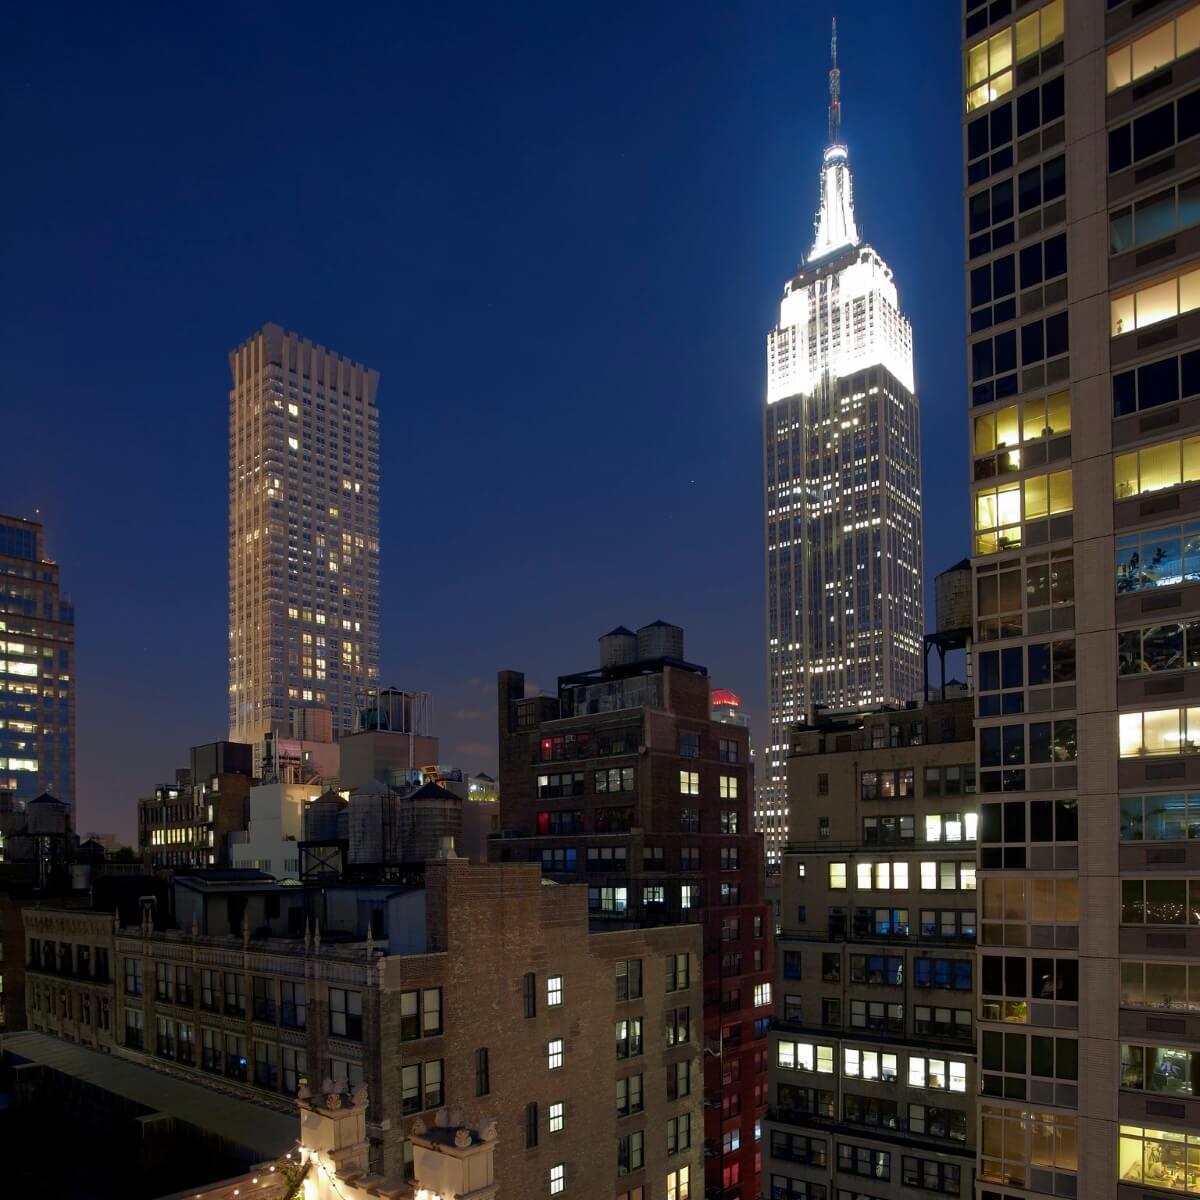 Refinaria hotéis com vista em Nova York empire state building